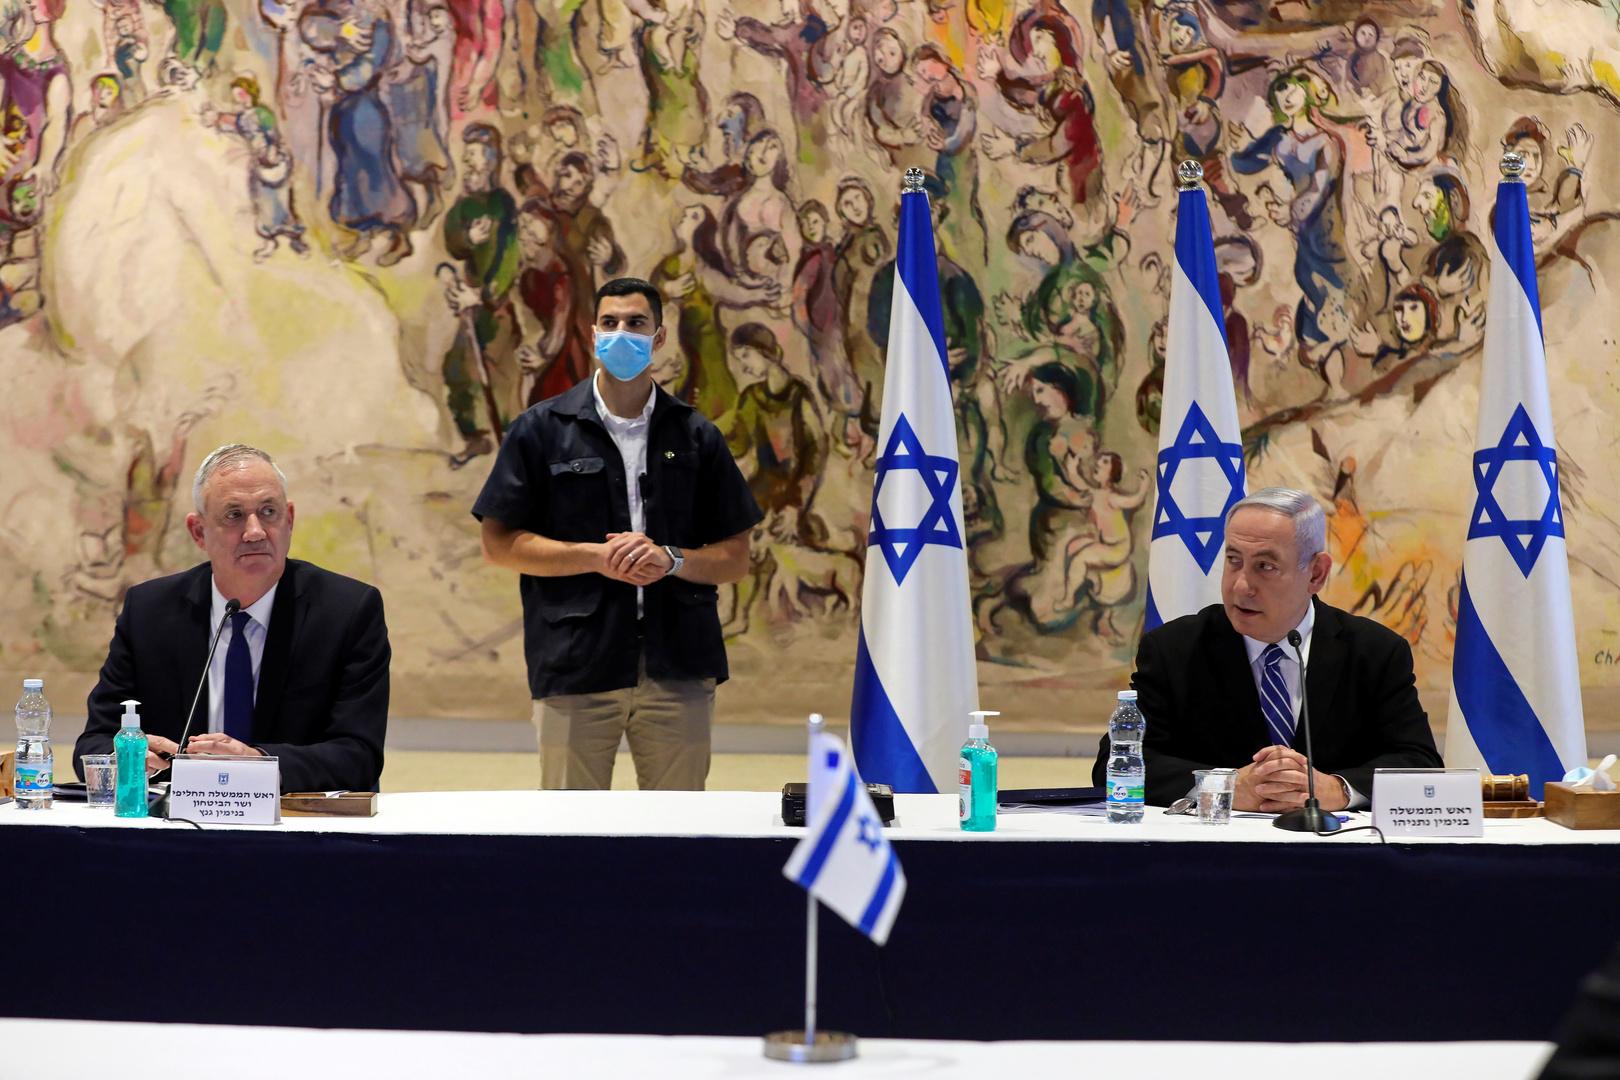 رئيس الائتلاف الحكومي الإسرائيلي: الحكومة الحالية لن تستمر